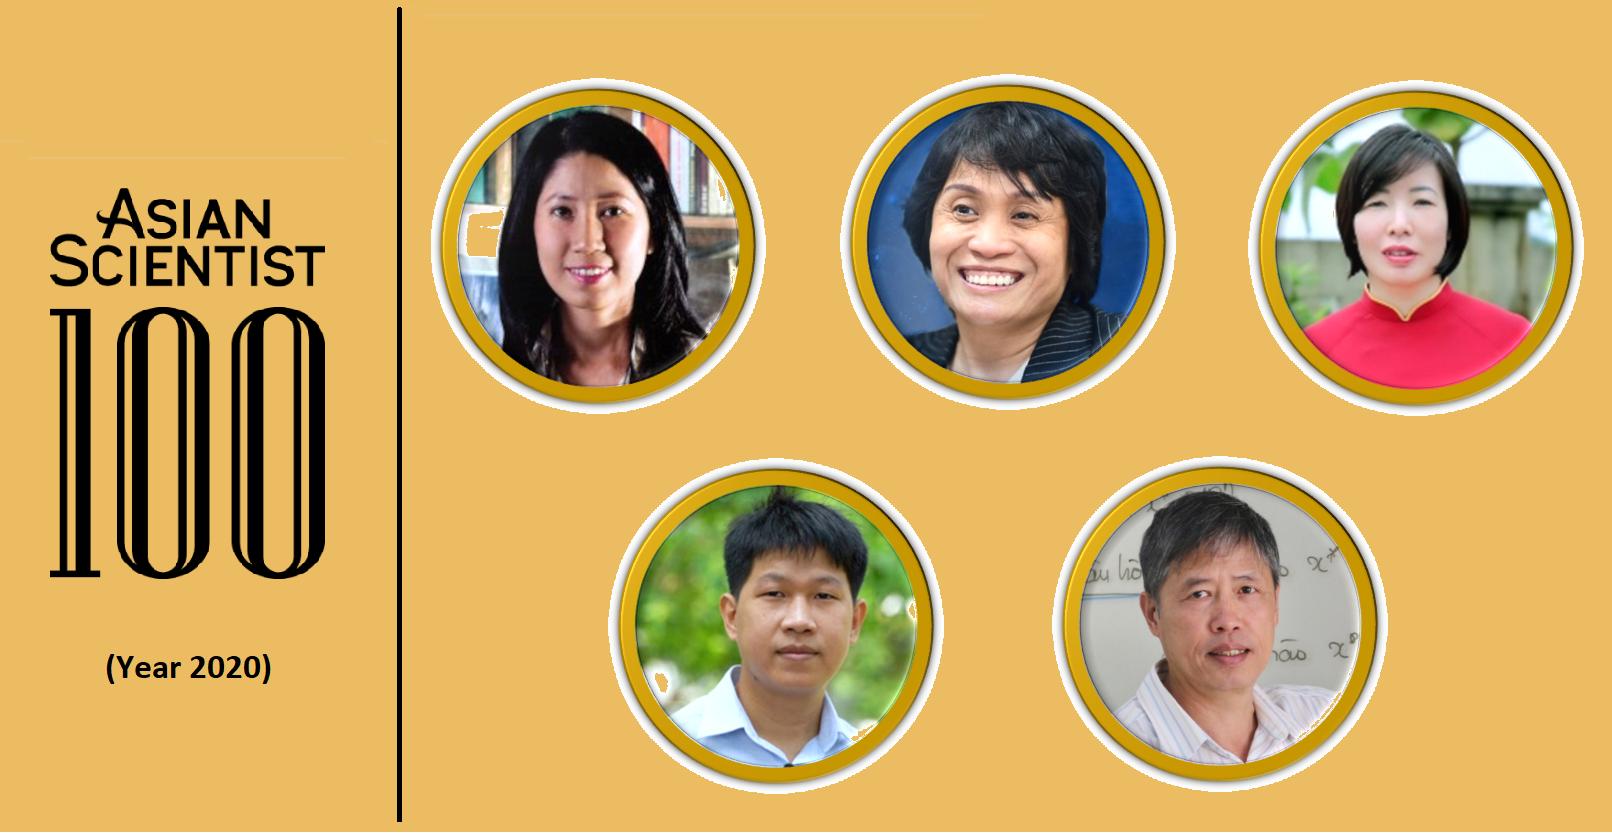 Các nhà khoa học Việt Nam được vinh danh trong danh sách  Asian Scientist 100 năm 2020   Ảnh: KHPT